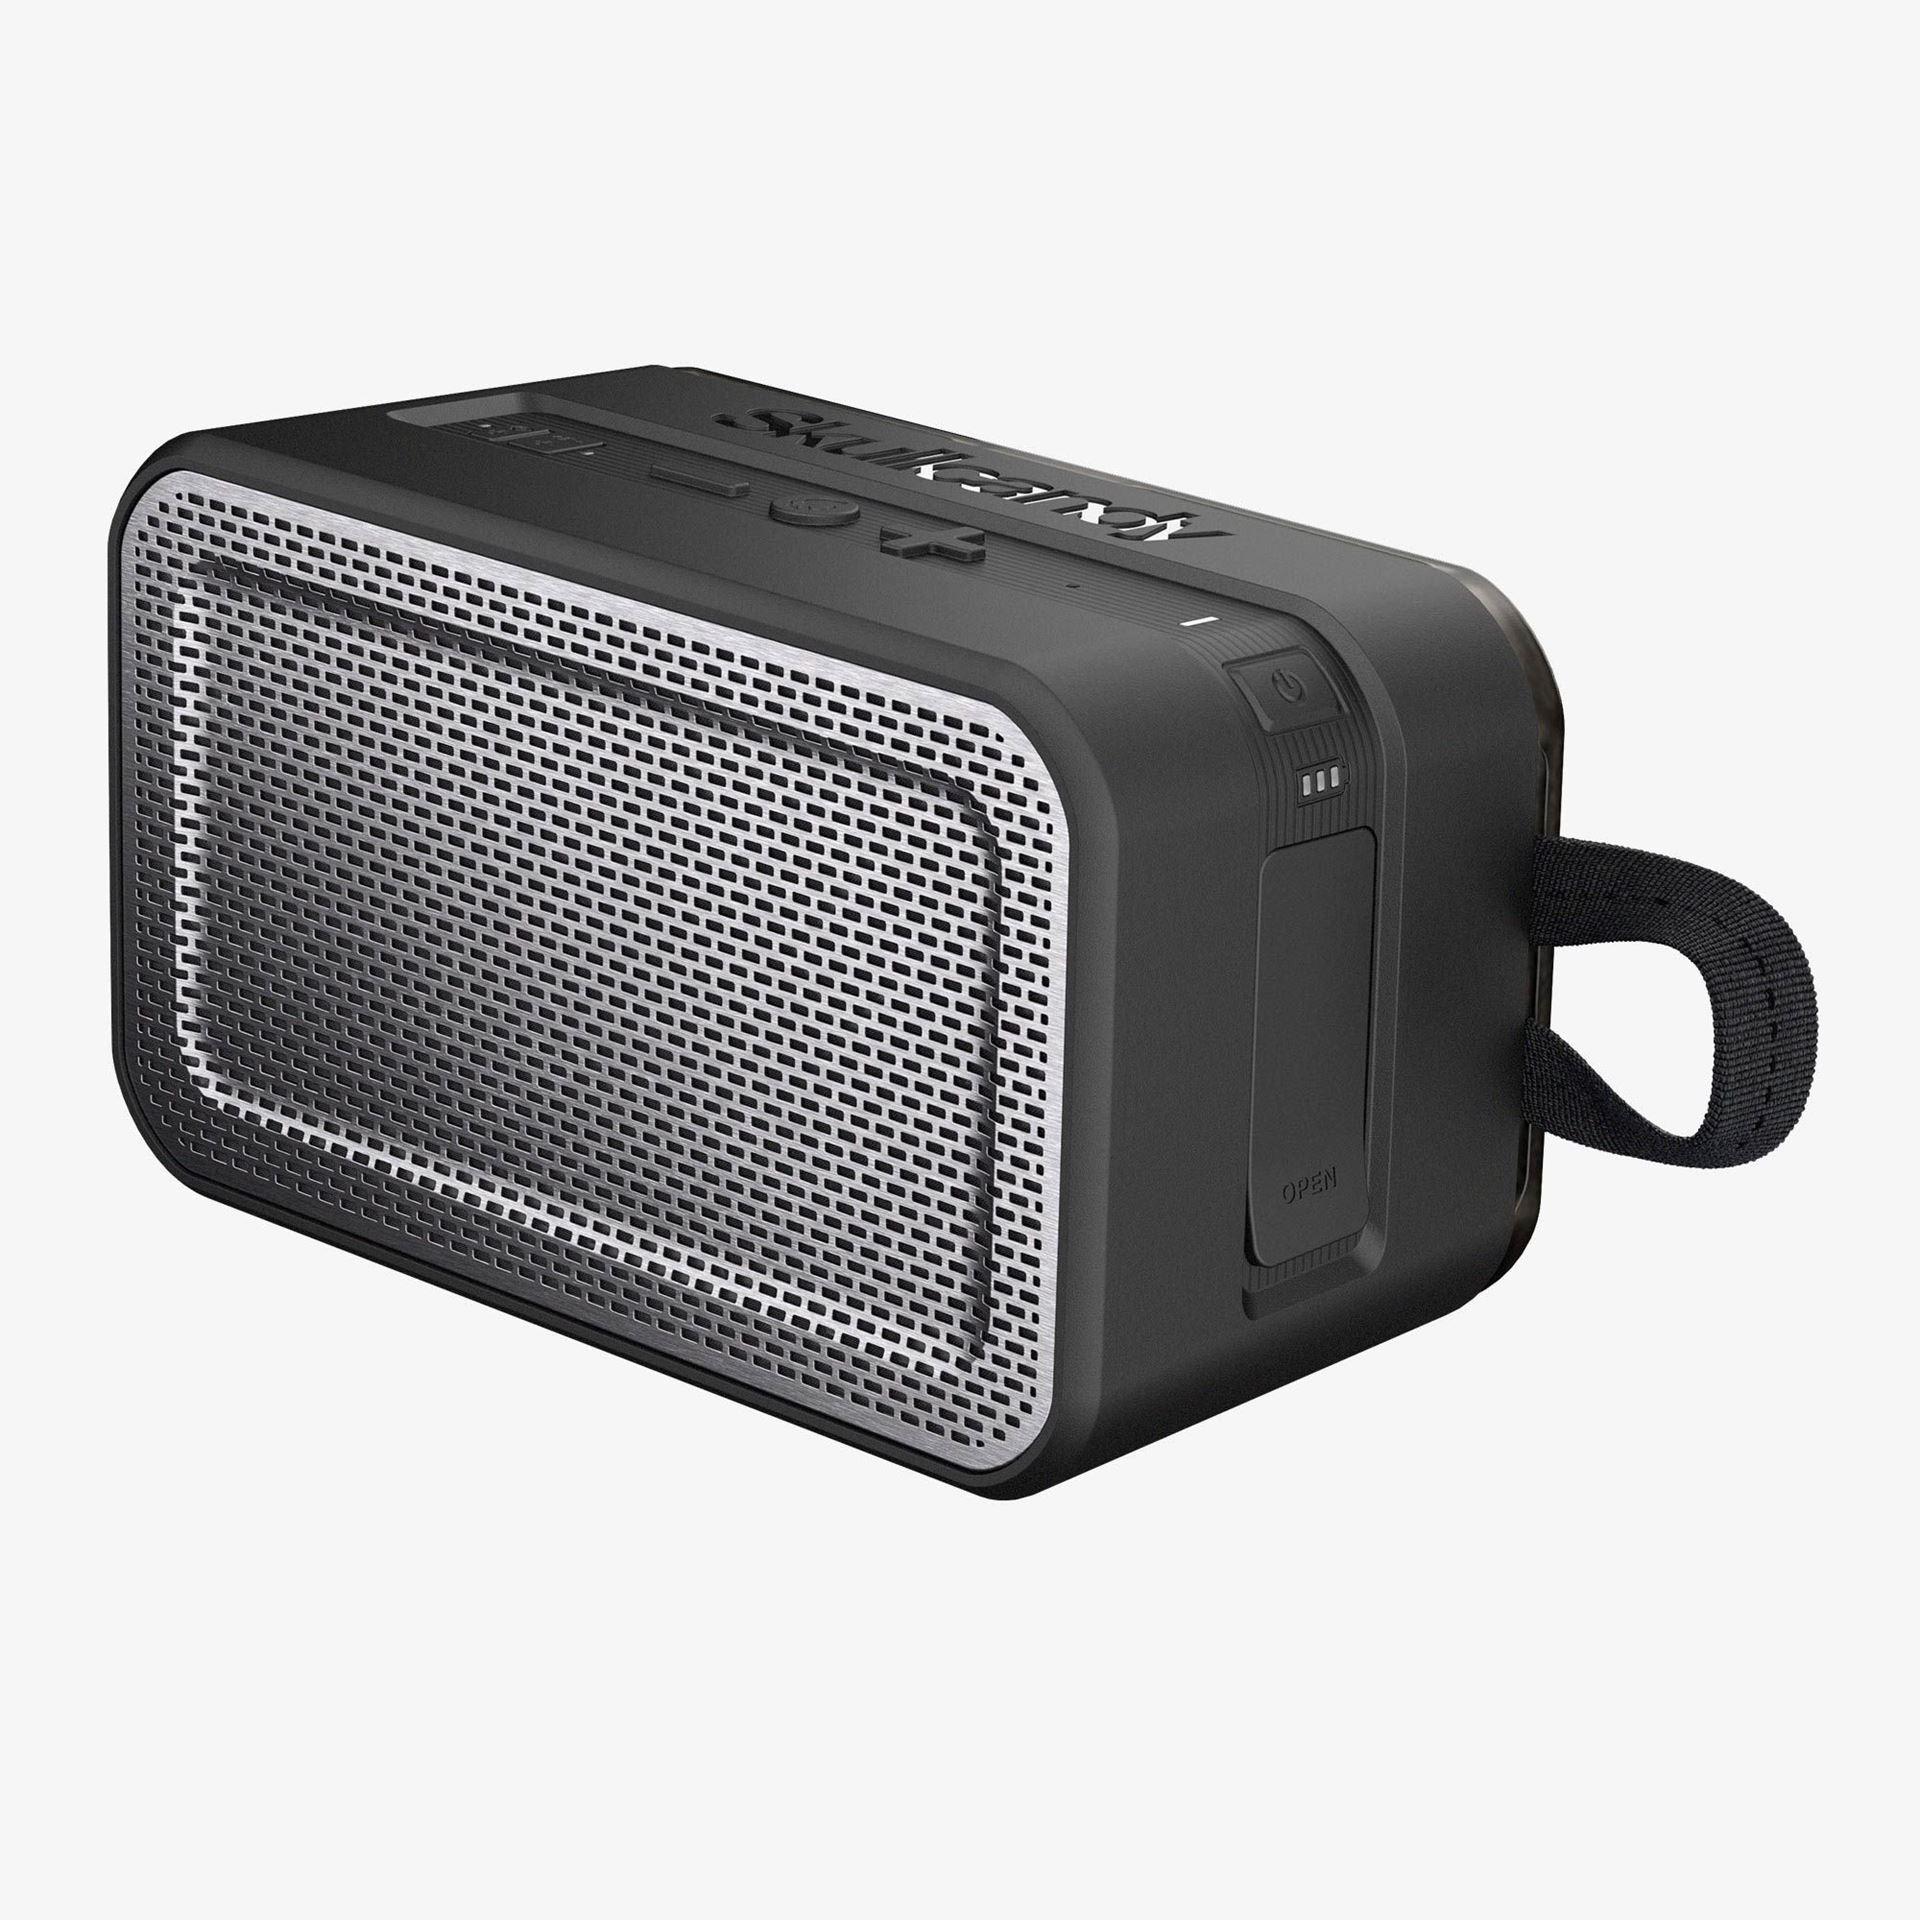 0002050_barricade-xl-bt-portable-speaker-wo-adapter.jpeg